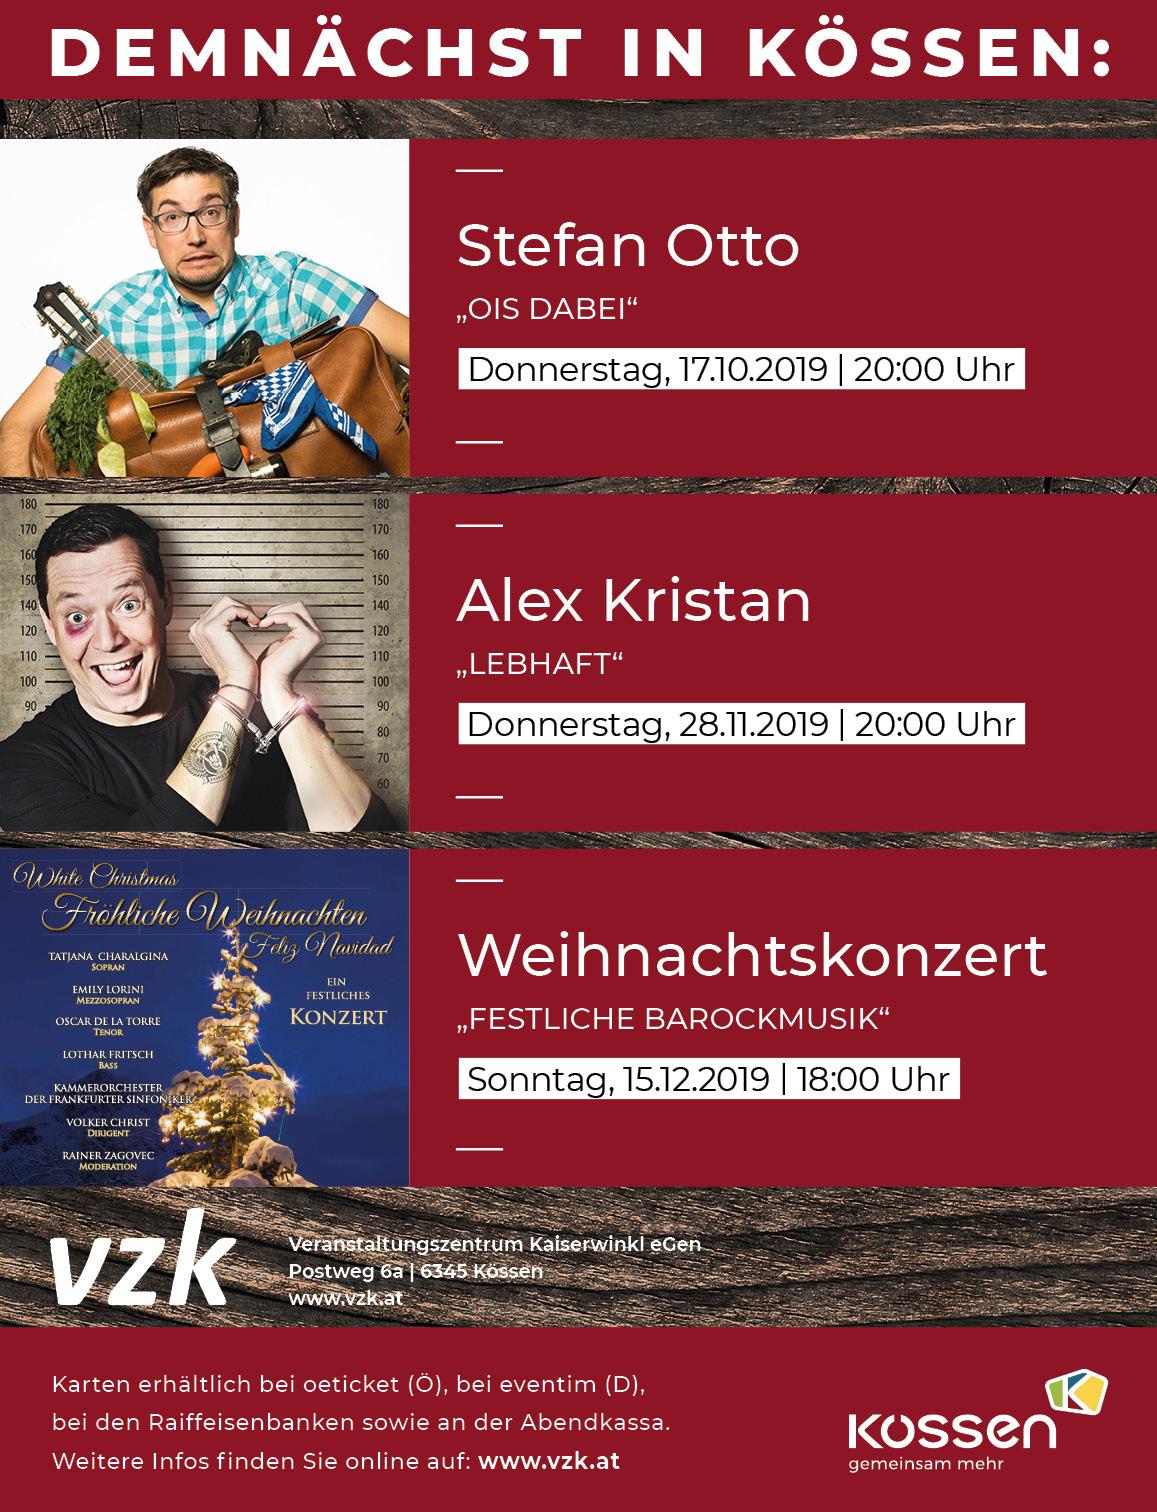 VZK 2019 10 Otto-Kristan-Weihnachtskonzert 98x128mm